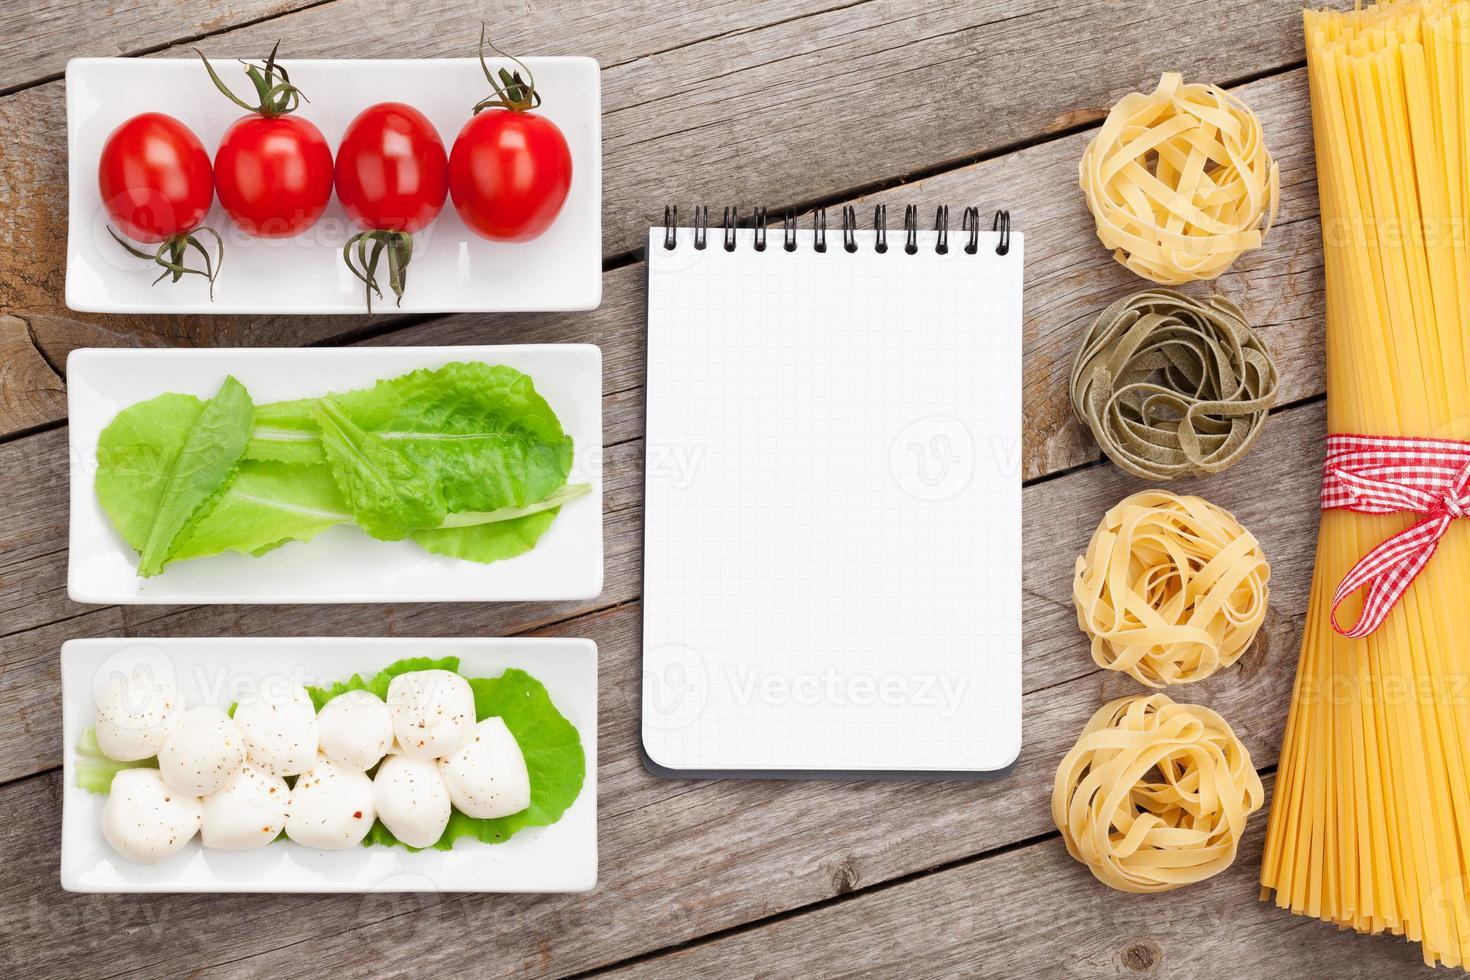 tomate, mozzarella, pasta y ensalada de hojas verdes con bloc de notas foto